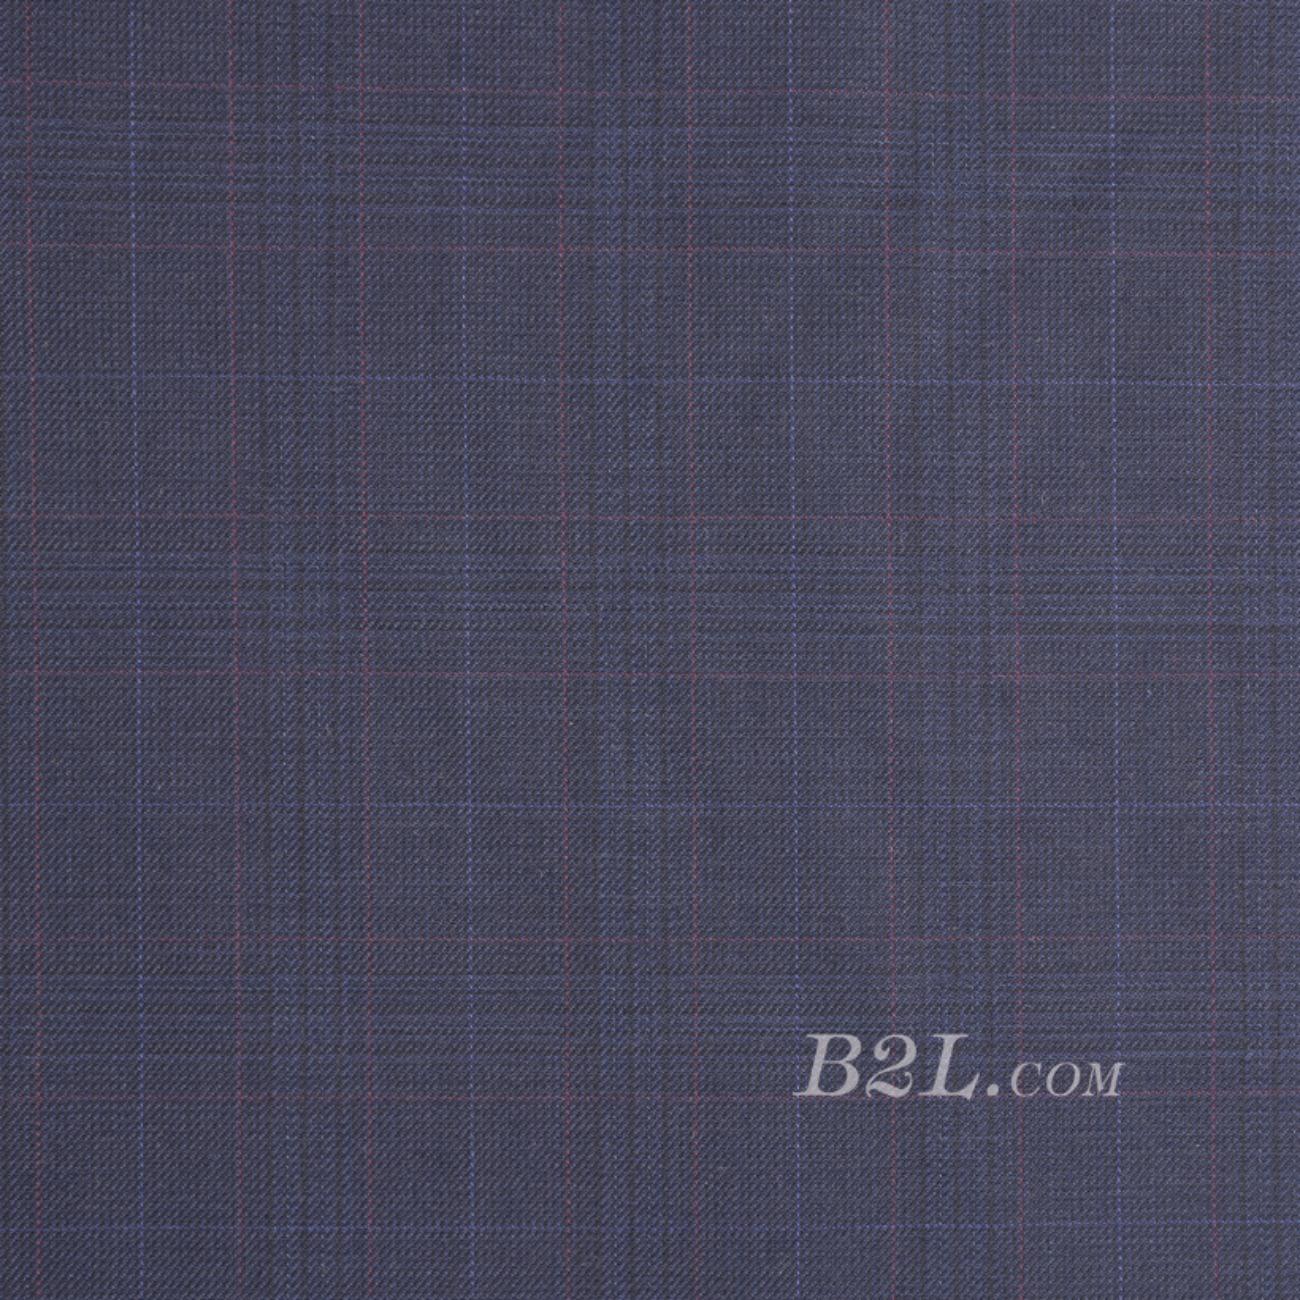 素色 梭織 染色 低彈 薄 春秋 時裝 外套 褲裝 90310-15